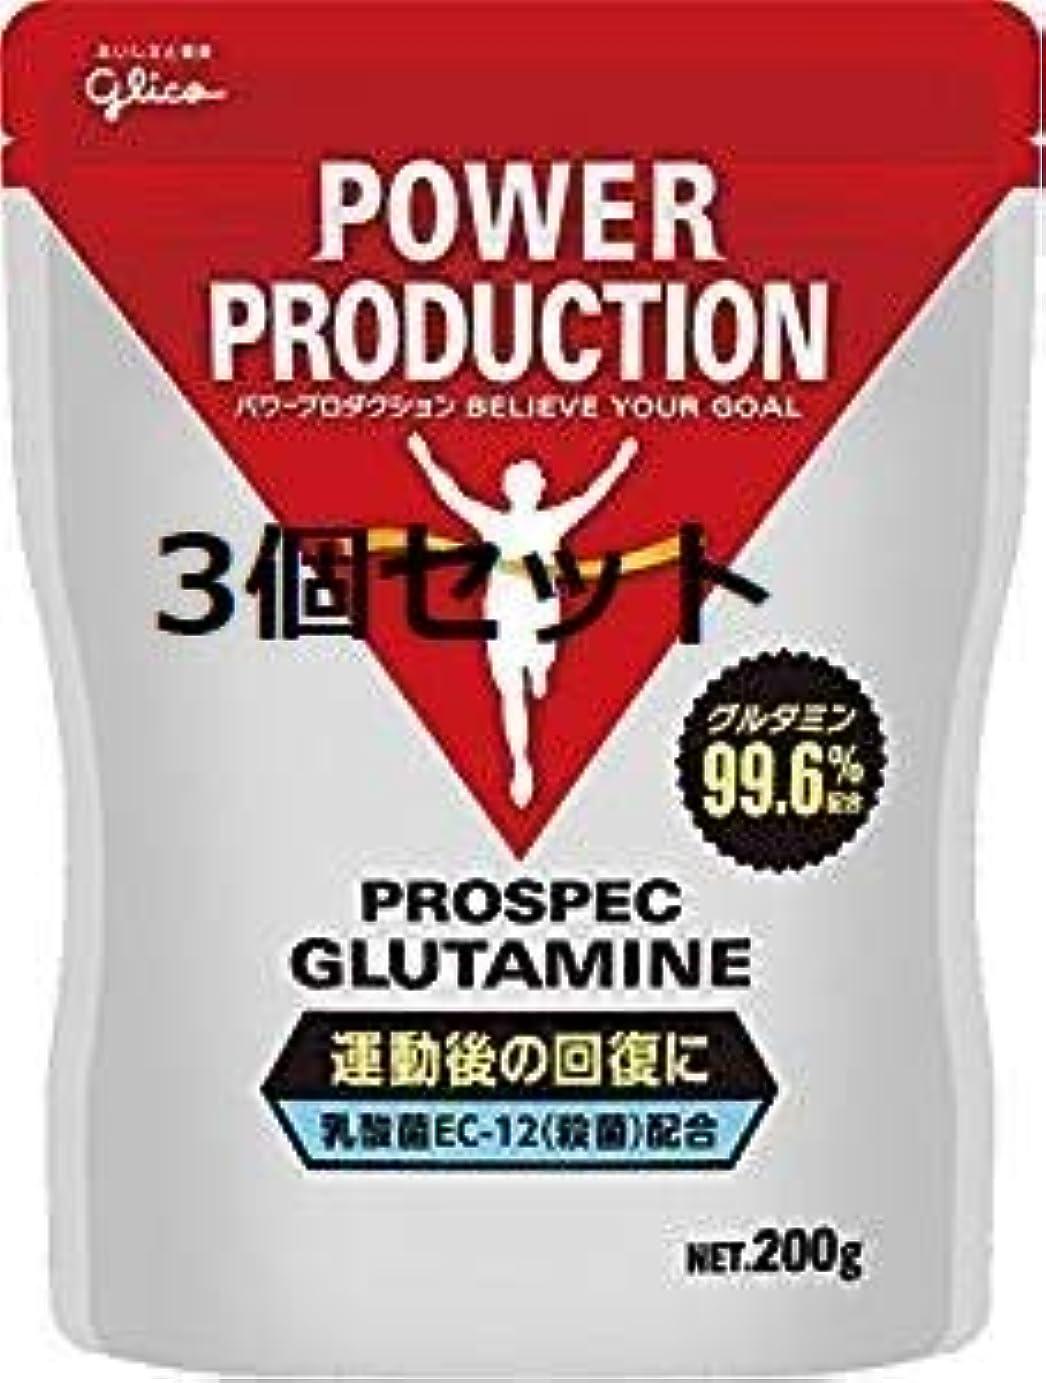 スマッシュ以降持っている【3個セット】グリコ アミノ酸プロスペックグルタミンパウダー PROSUPEC GLUTAMINE 200g Glico